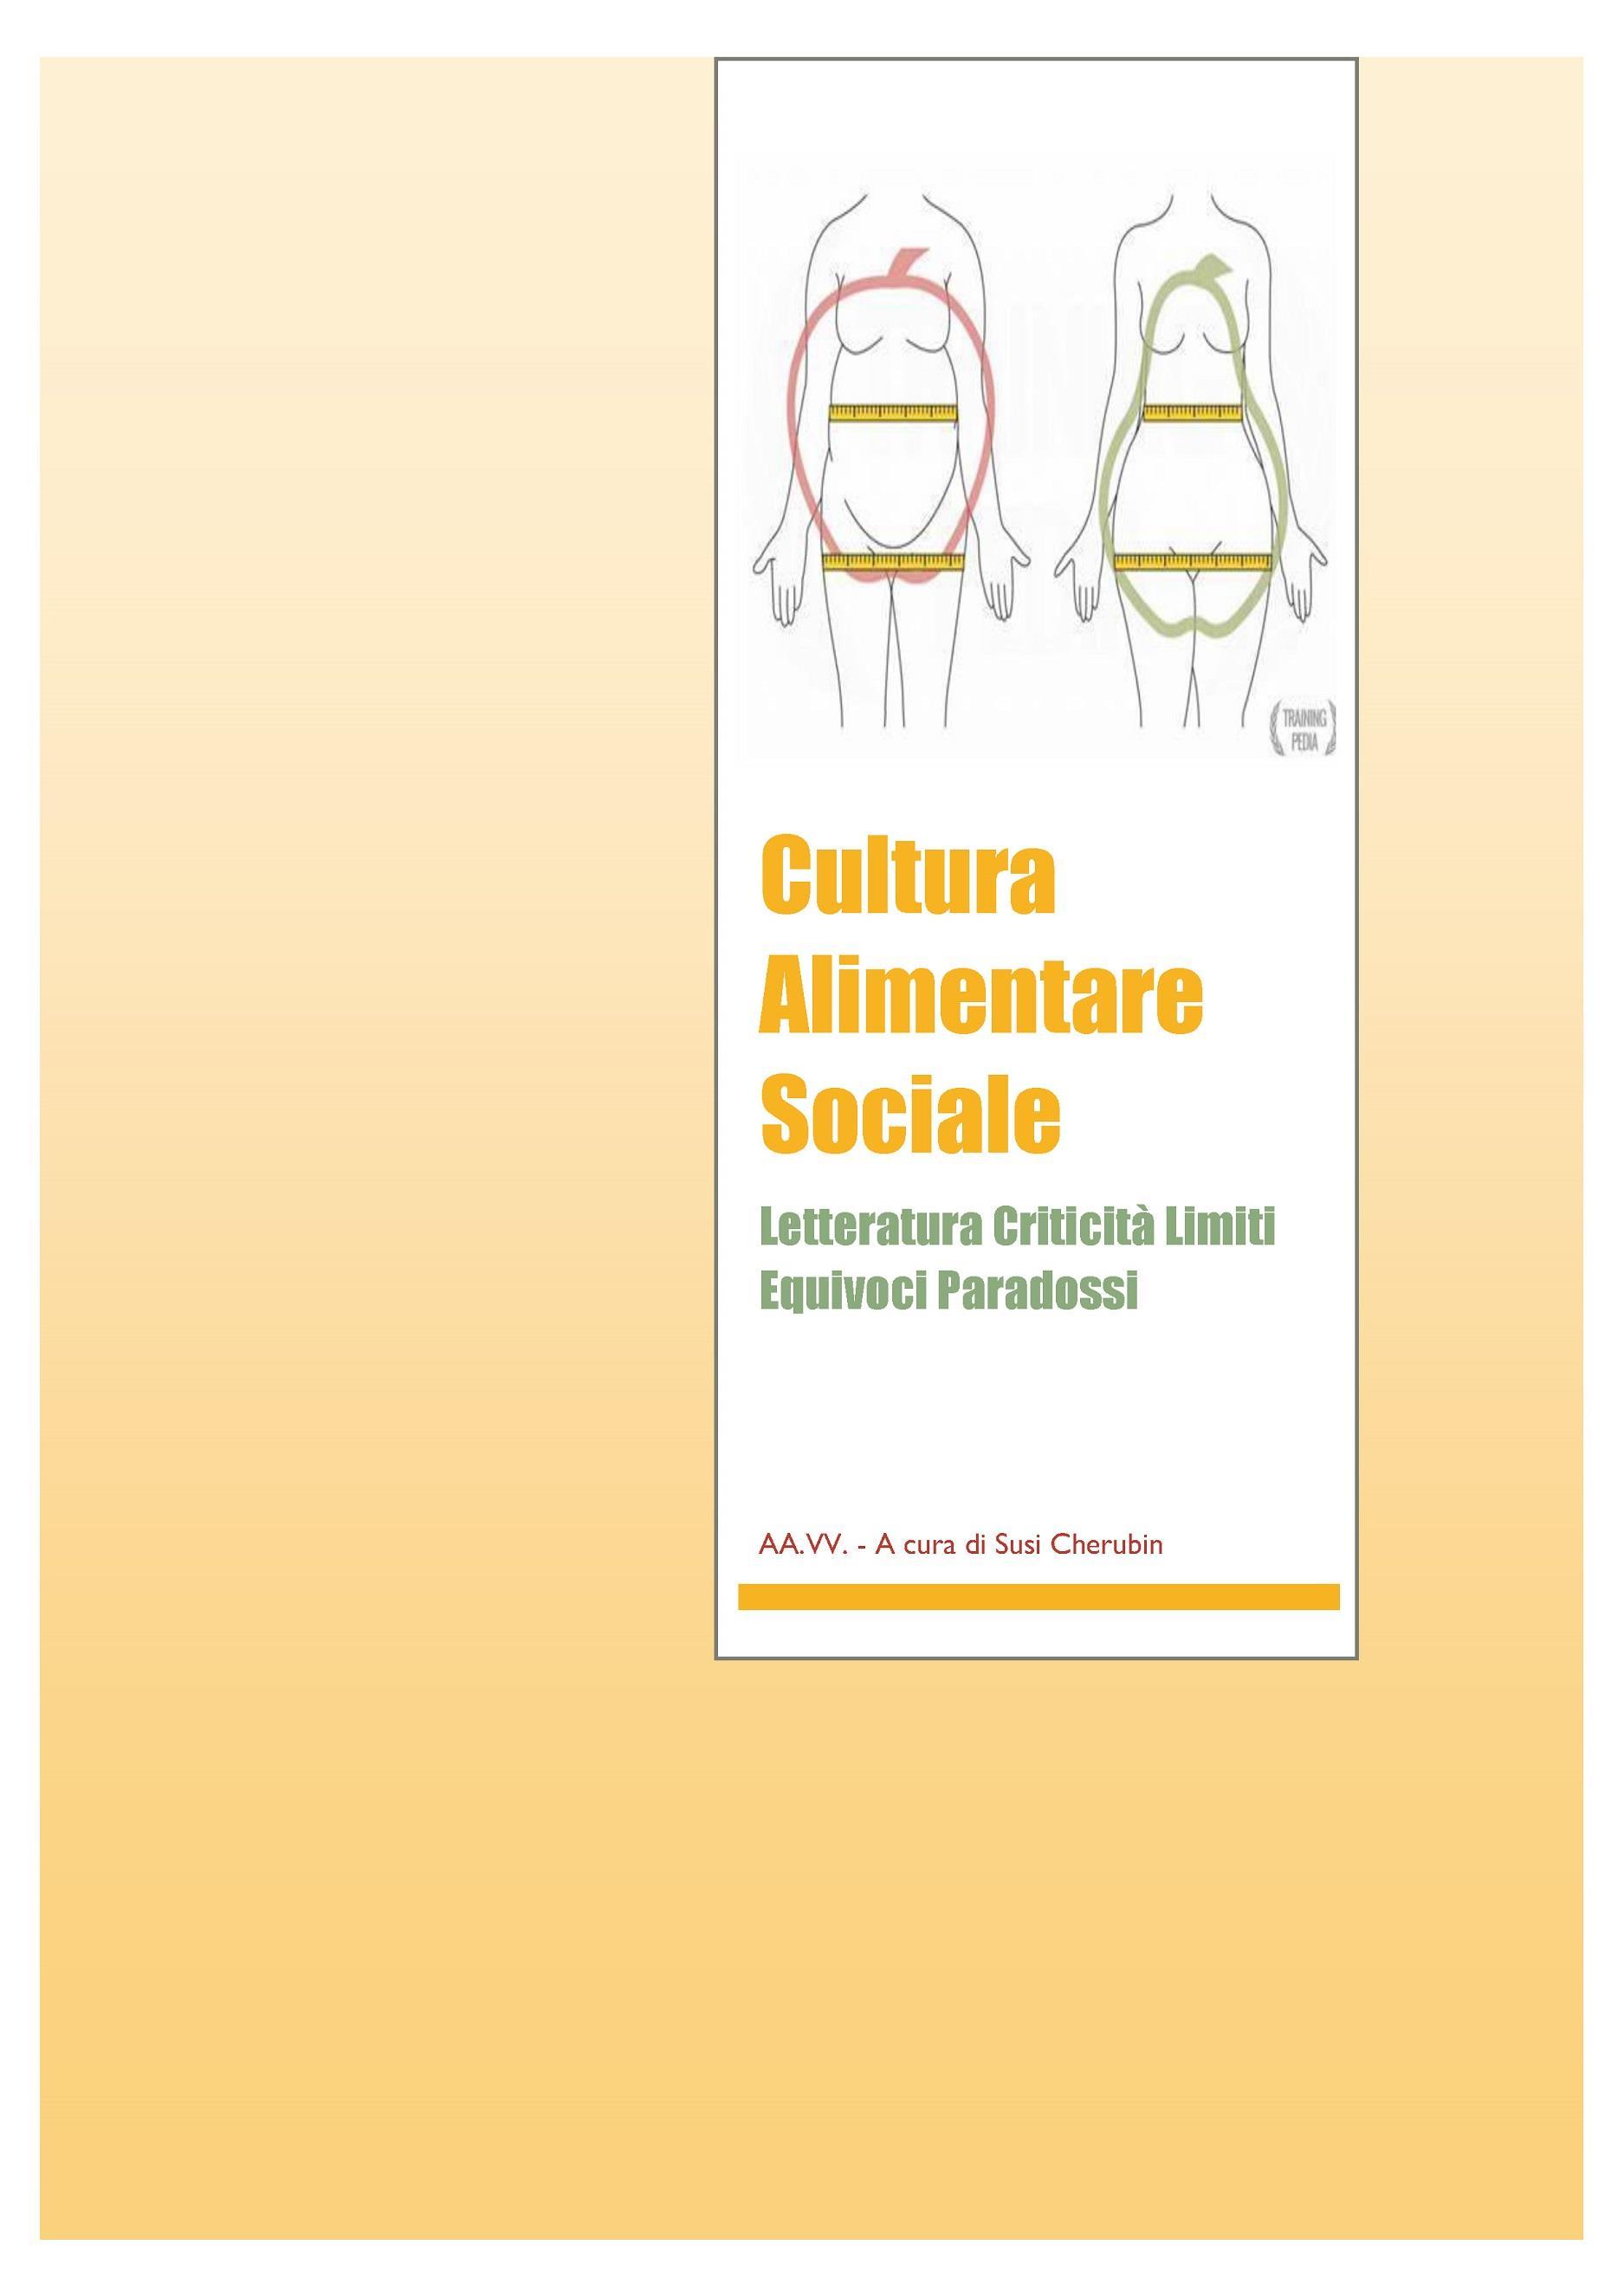 Cultura Alimentare Sociale